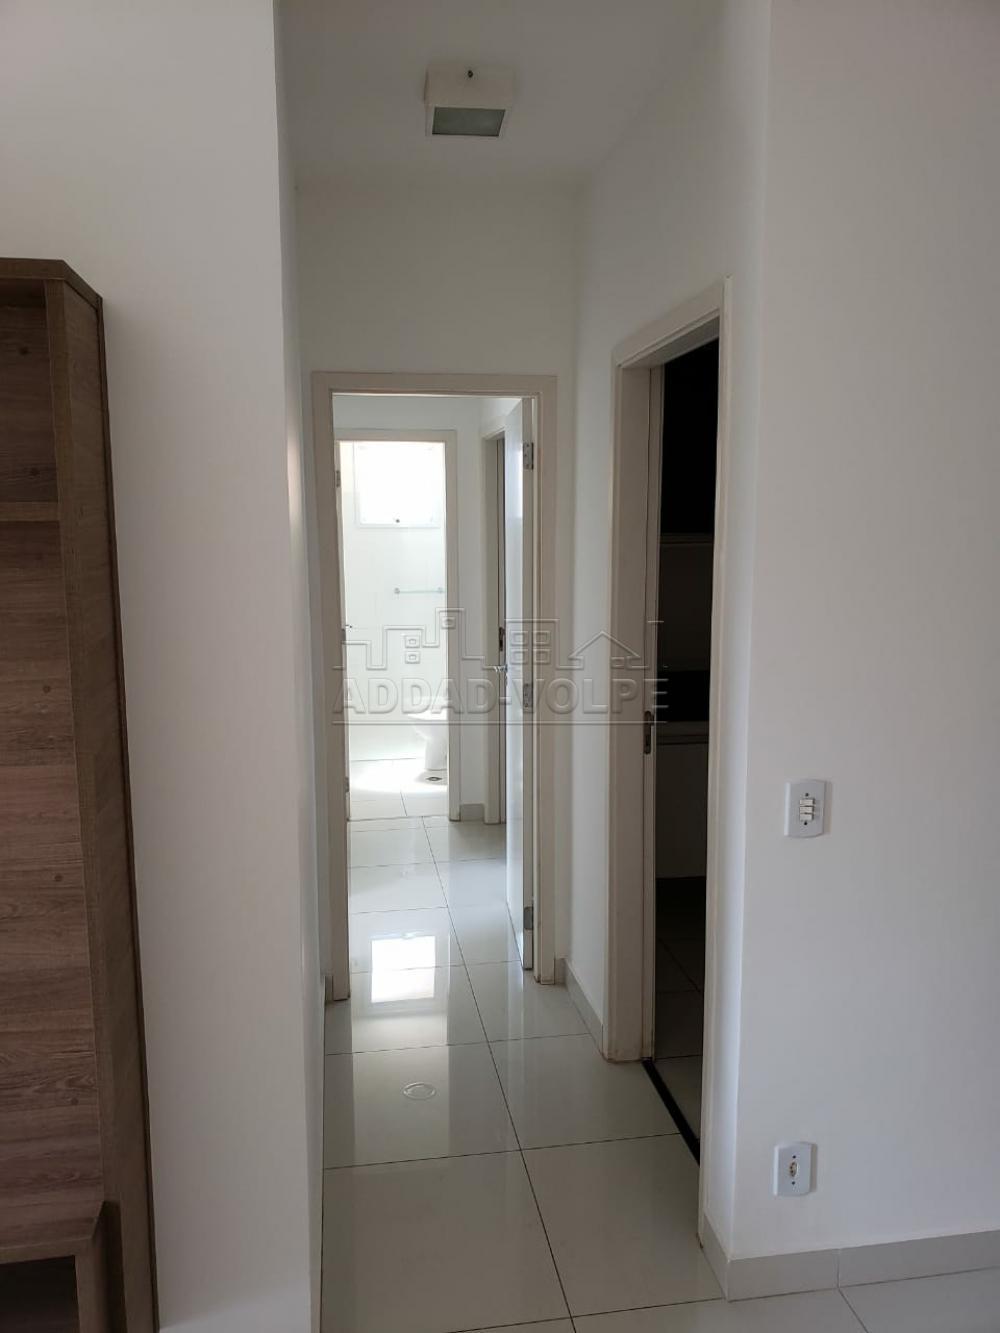 Alugar Apartamento / Padrão em Bauru R$ 1.900,00 - Foto 8